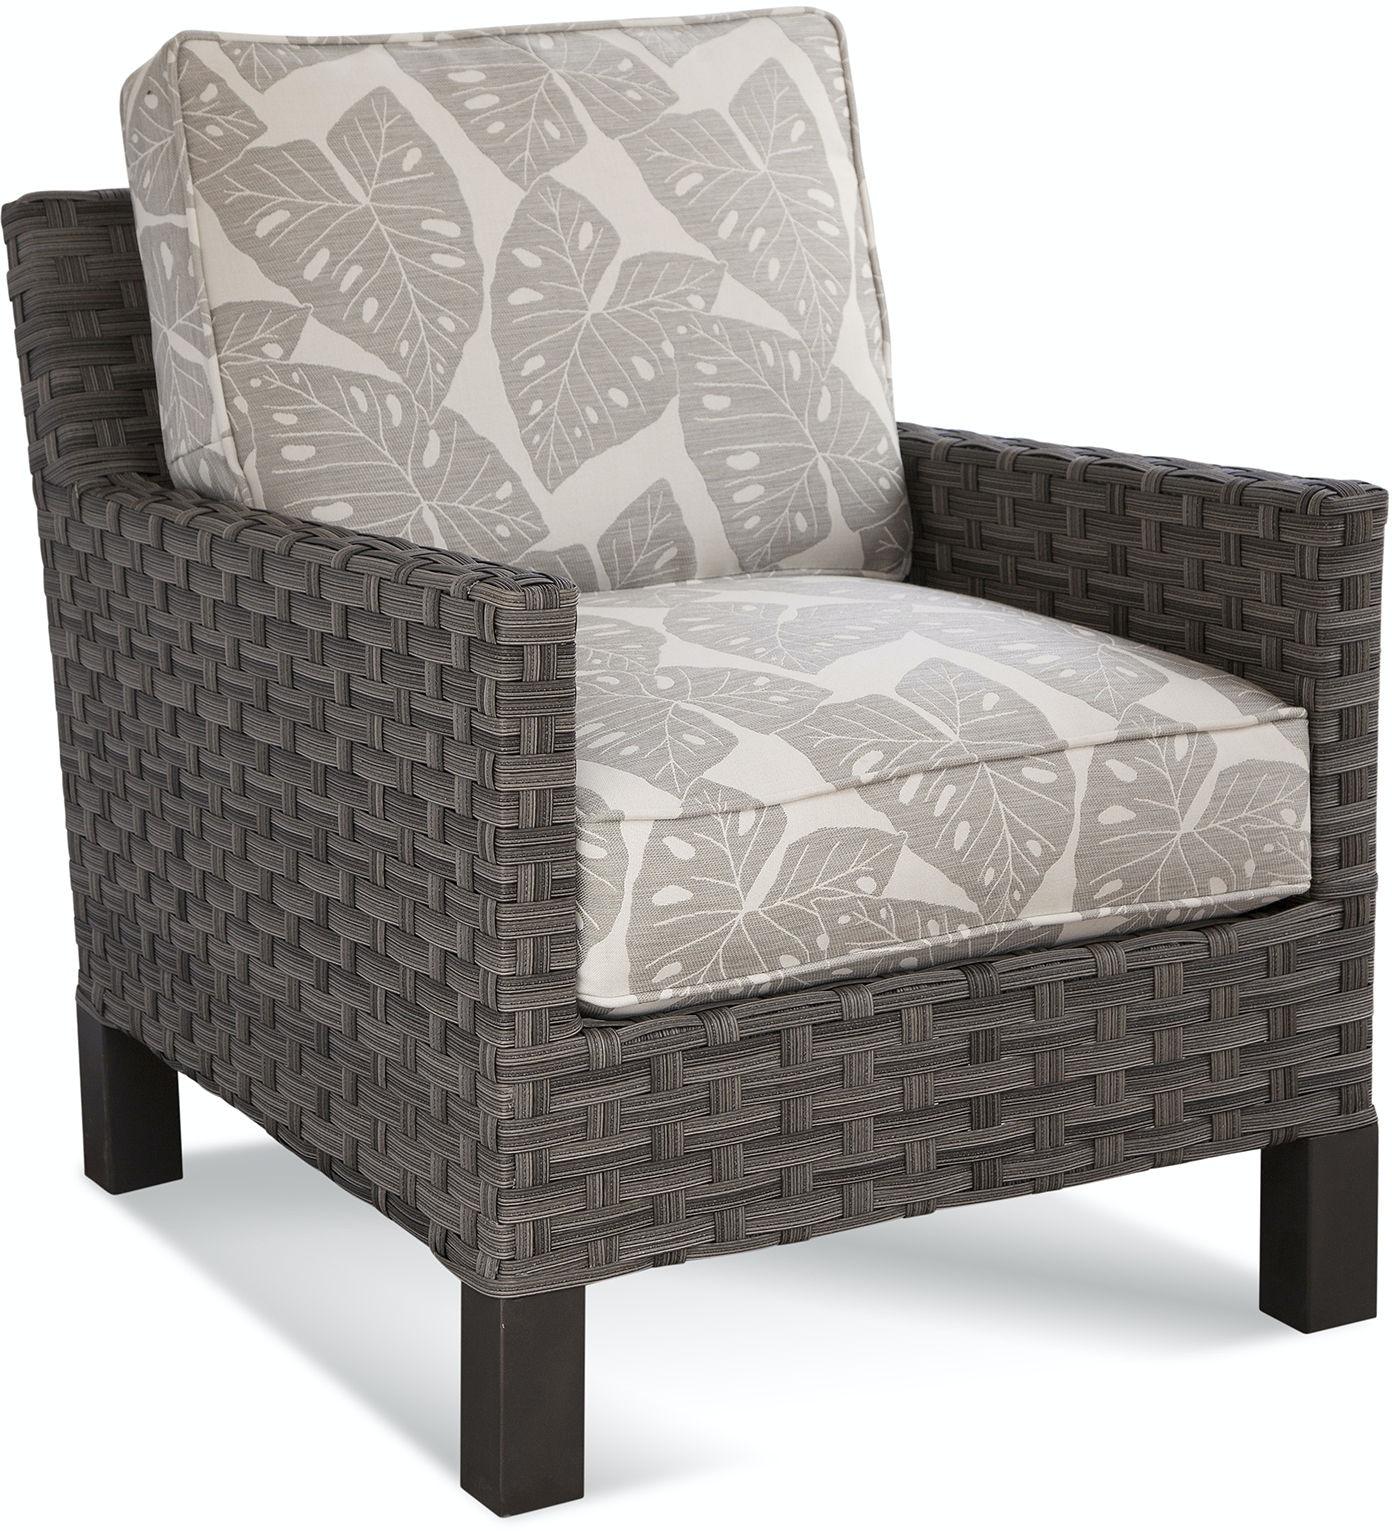 Braxton Culler Outdoor Patio Outdoor Chair 414 001